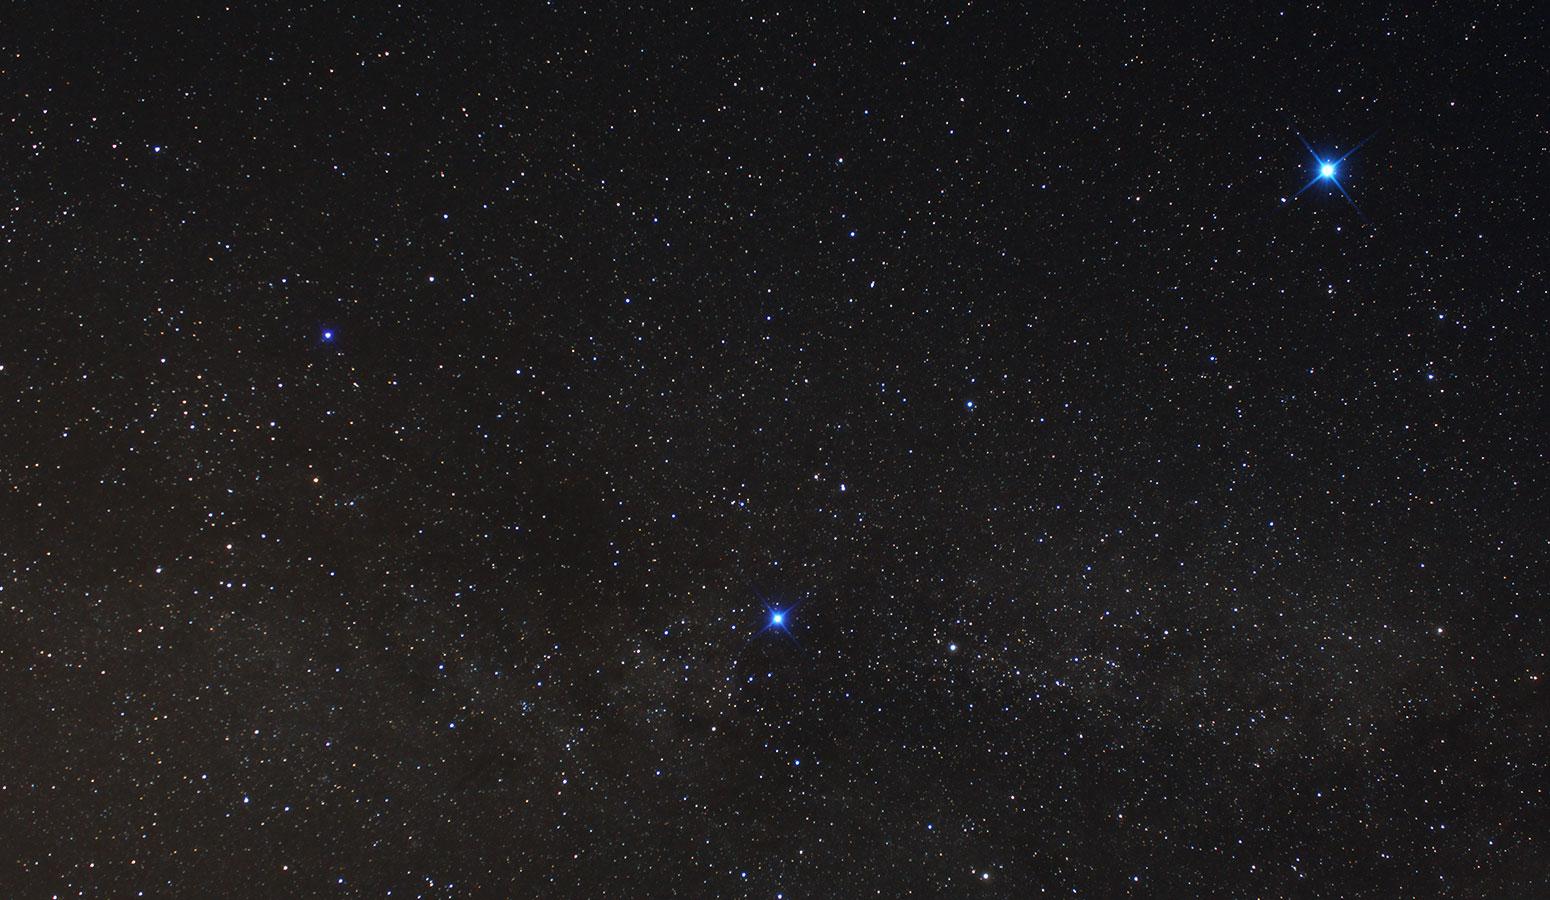 Praktična astronomija – Kako otkriti što ste snimili?